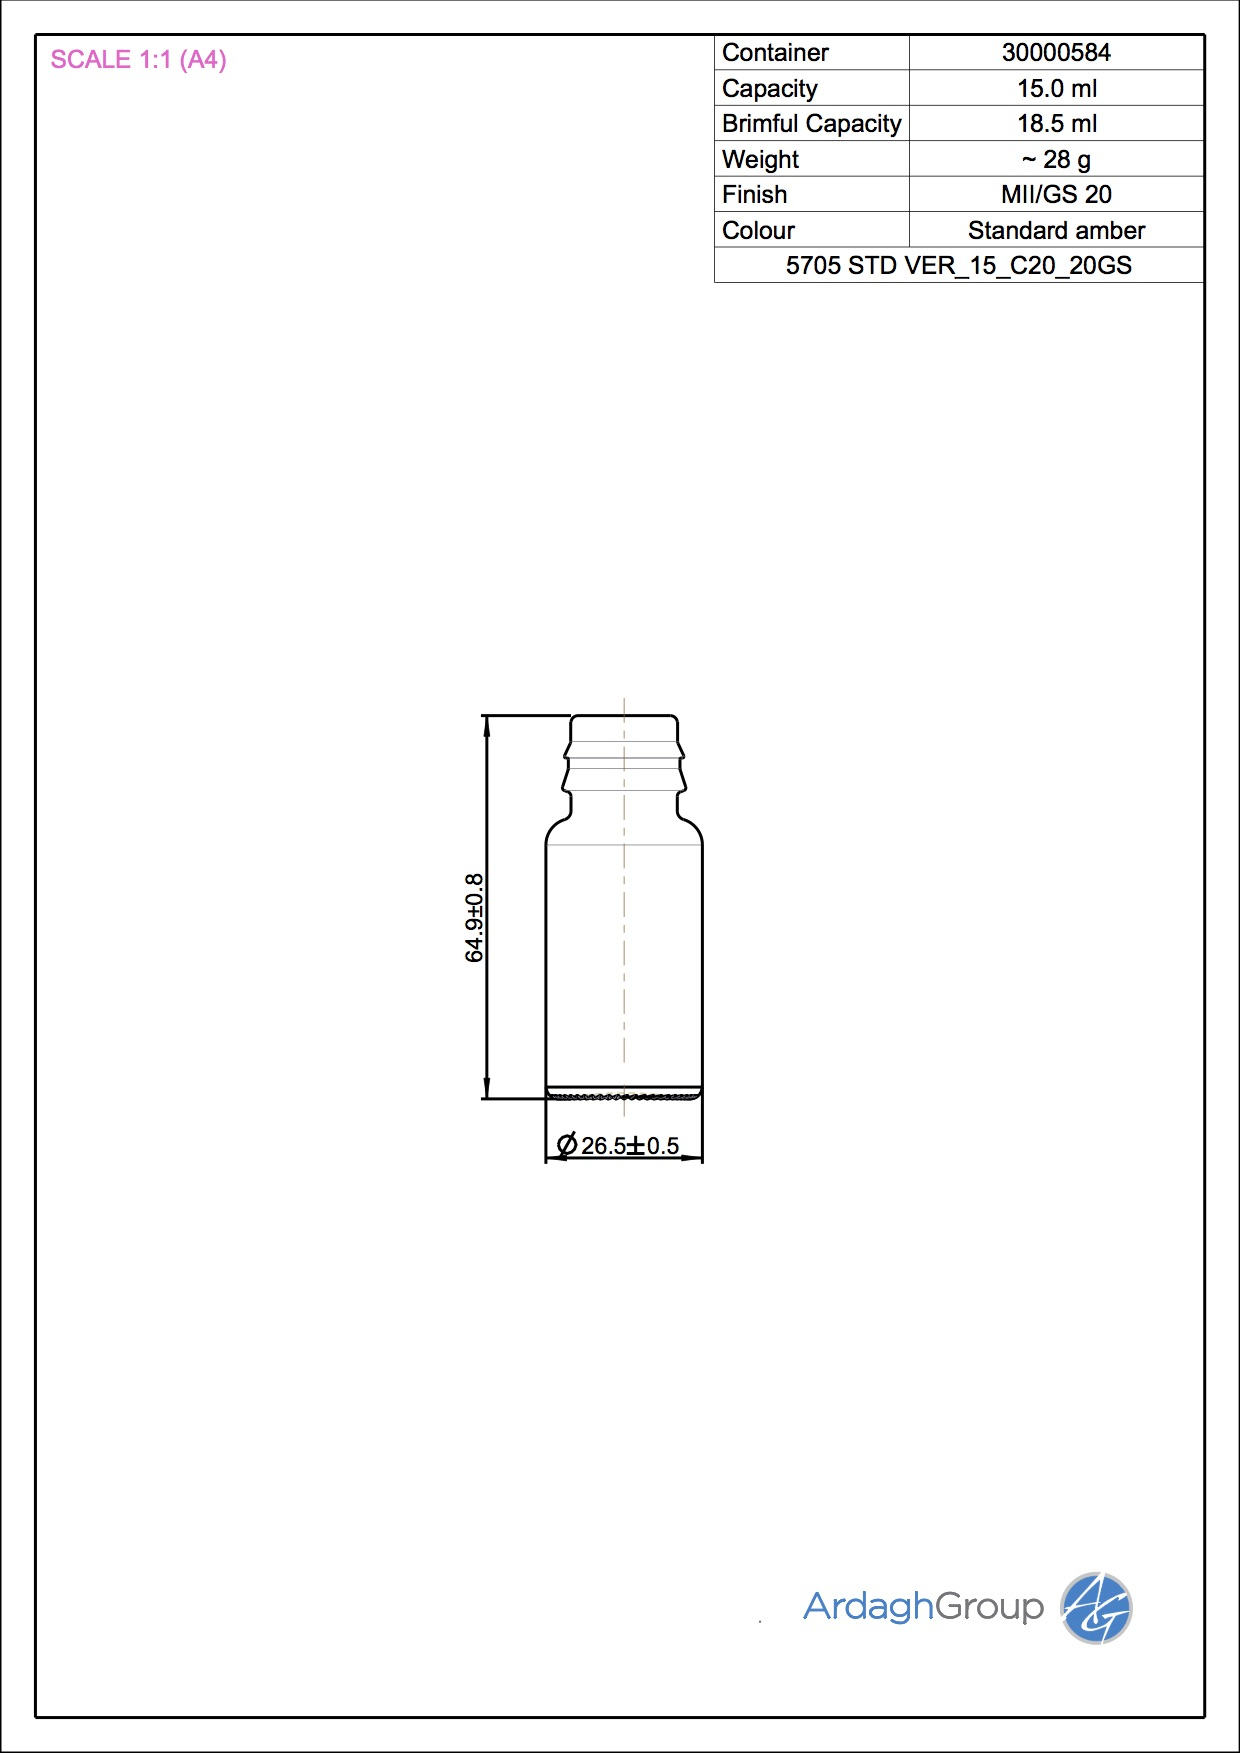 5705 STD VER 15 C20 20GS